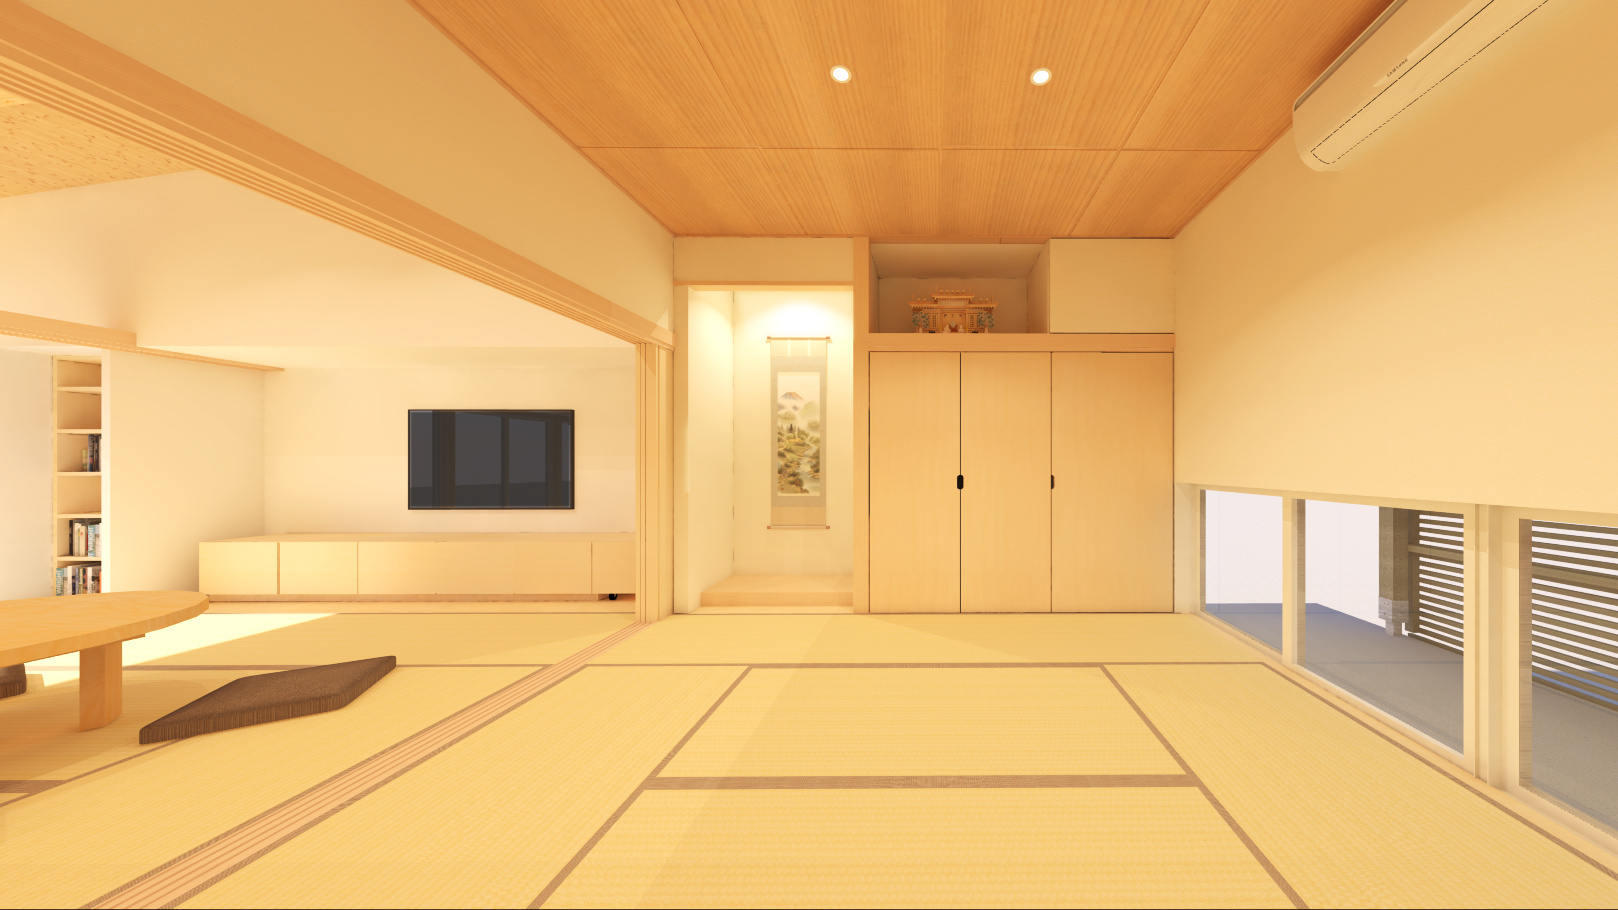 燕市小池オープンハウス、ほぼ平屋の3世帯住居。居間と仏間を八畳二間続きの空間としました。